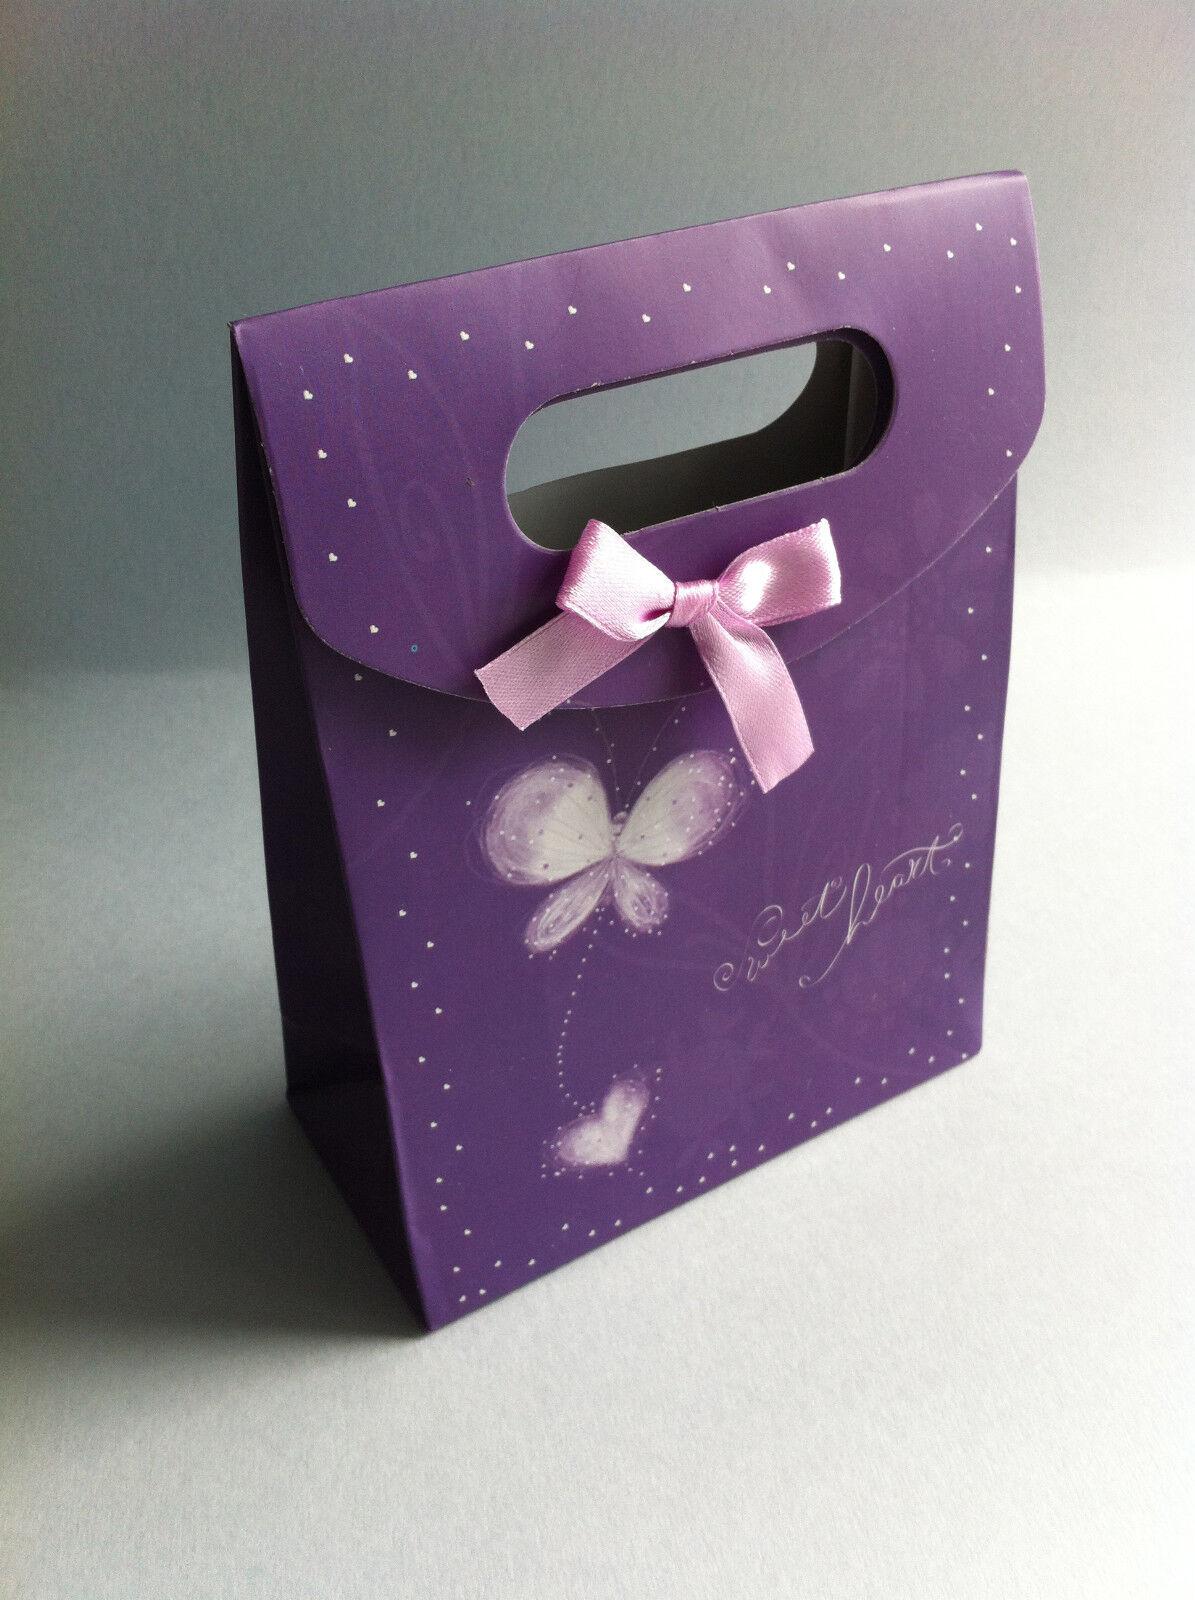 2 Pochettes boite cadeau cartonné x papillon lilas violet 16 cm x 12,5 cm x cartonné 6 cm bc0a97